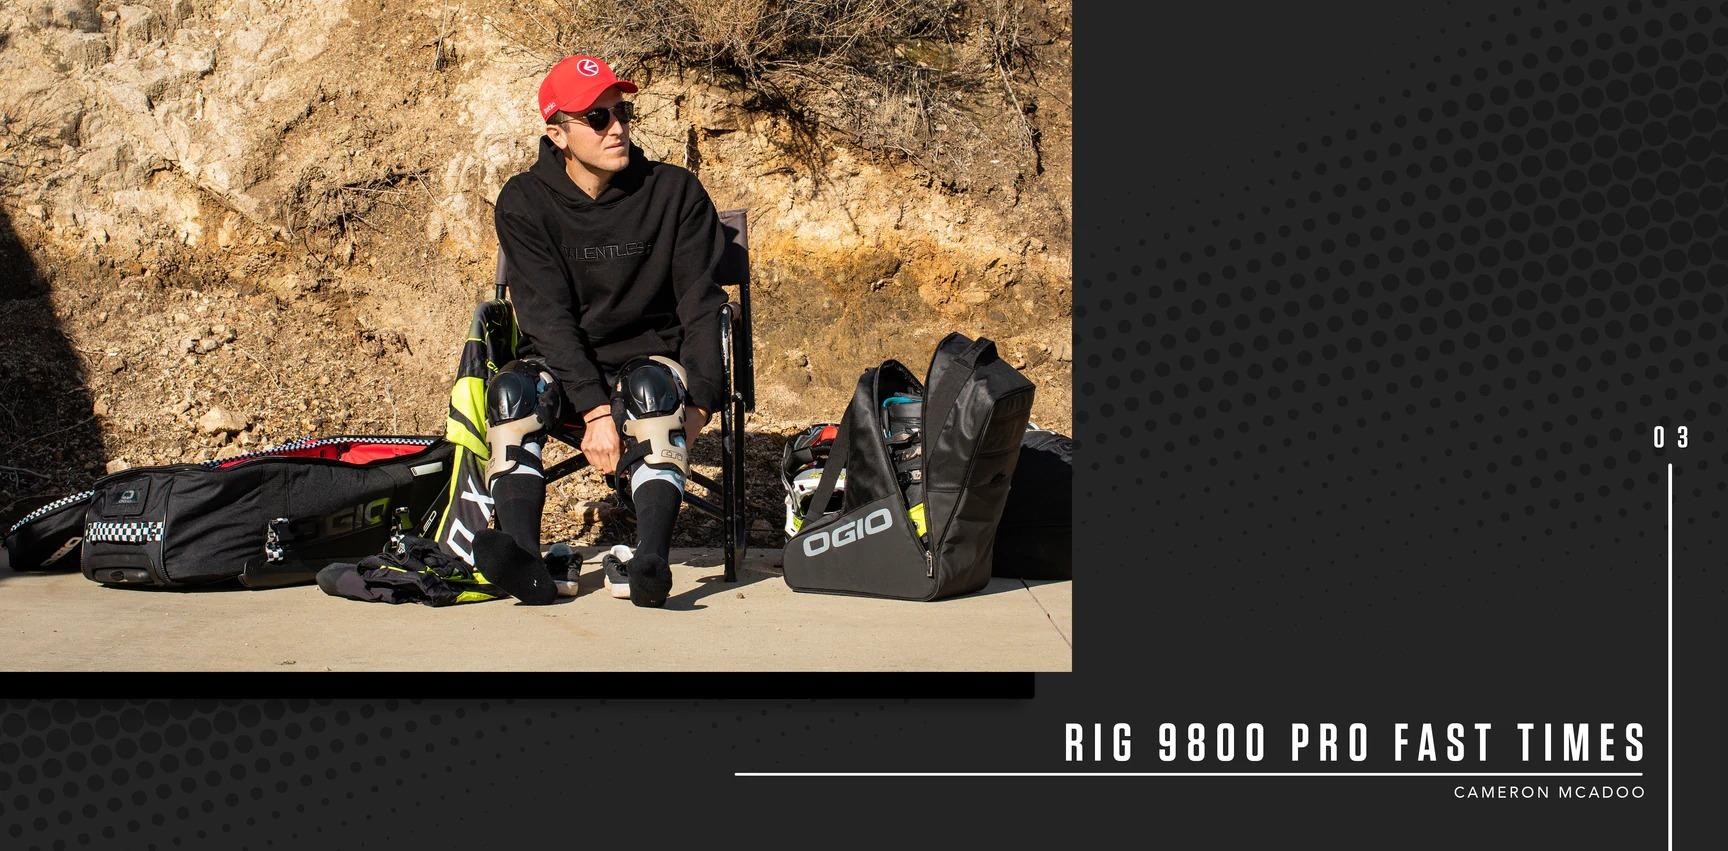 OGIO POWERSPORTS(オジオパワースポーツ) RIG 9800 PRO